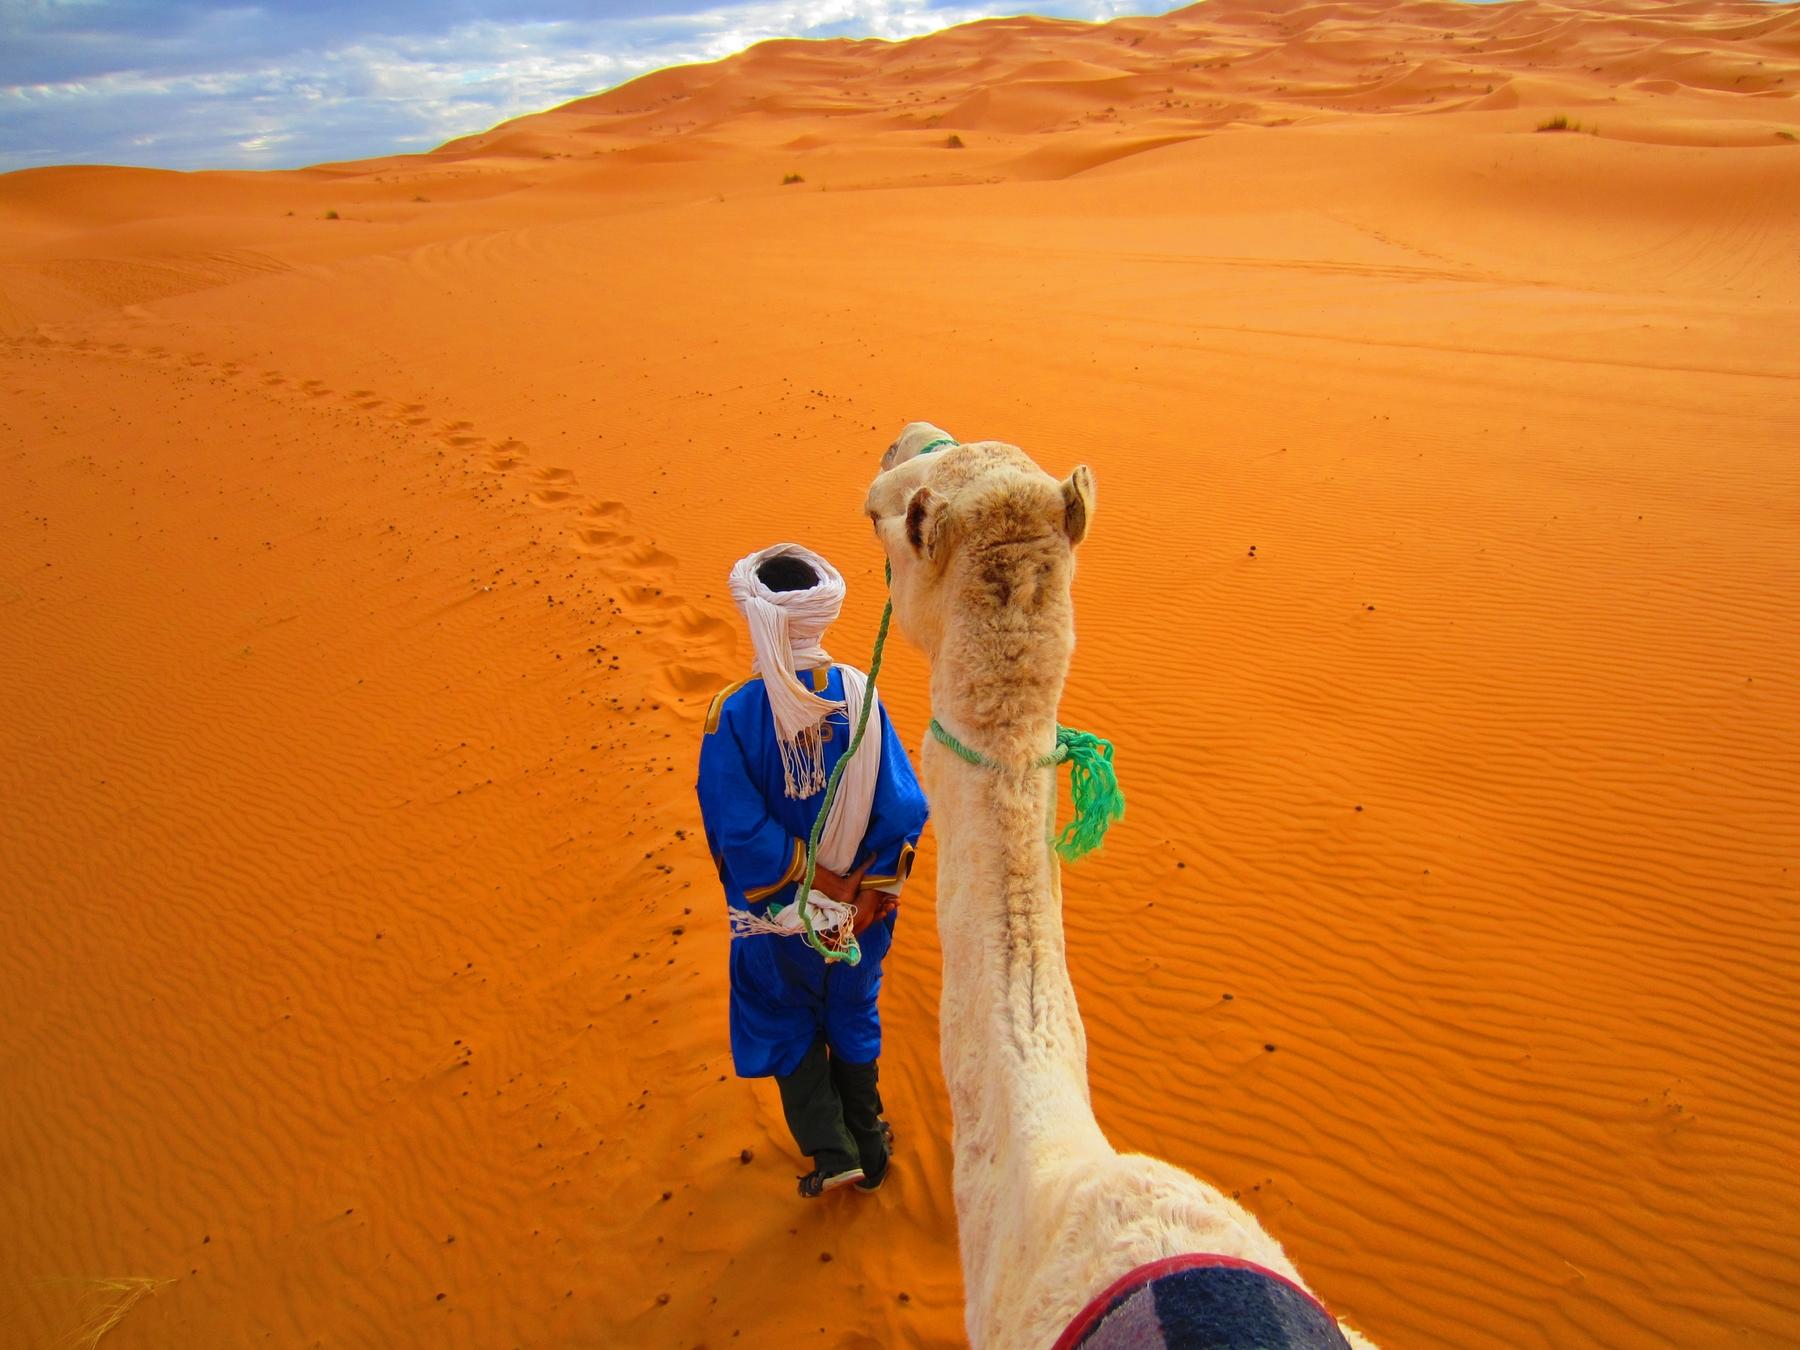 Марокко с его пустыней, верблюдами, серфингом на океане и потрясающей кухней — одно из самых дешевых направлений для отдыха в 2021 году